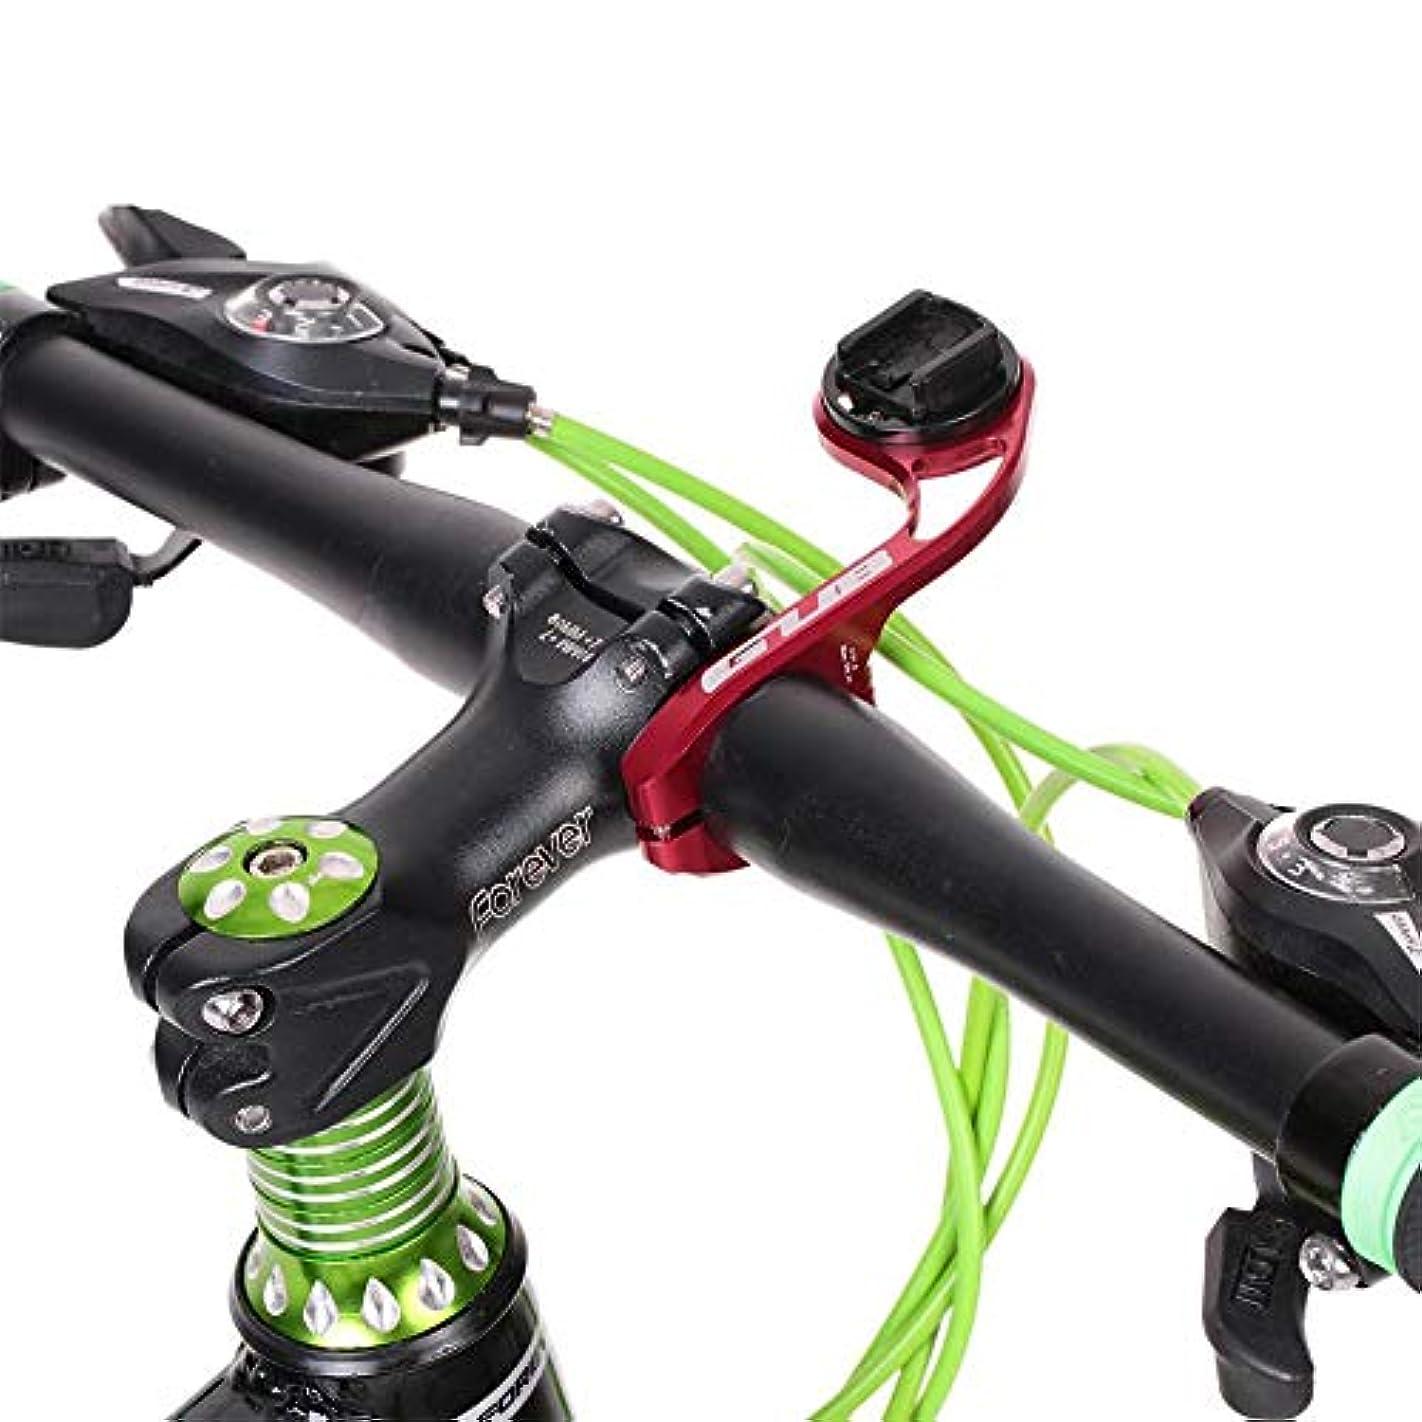 マイク言い換えるとドキュメンタリーBike Computer Mount with CNC Alloy Finish - GUB 669 Bicycle Handlebar Edge Mount Designed for Garmin Edge 520 and other Garmin Models